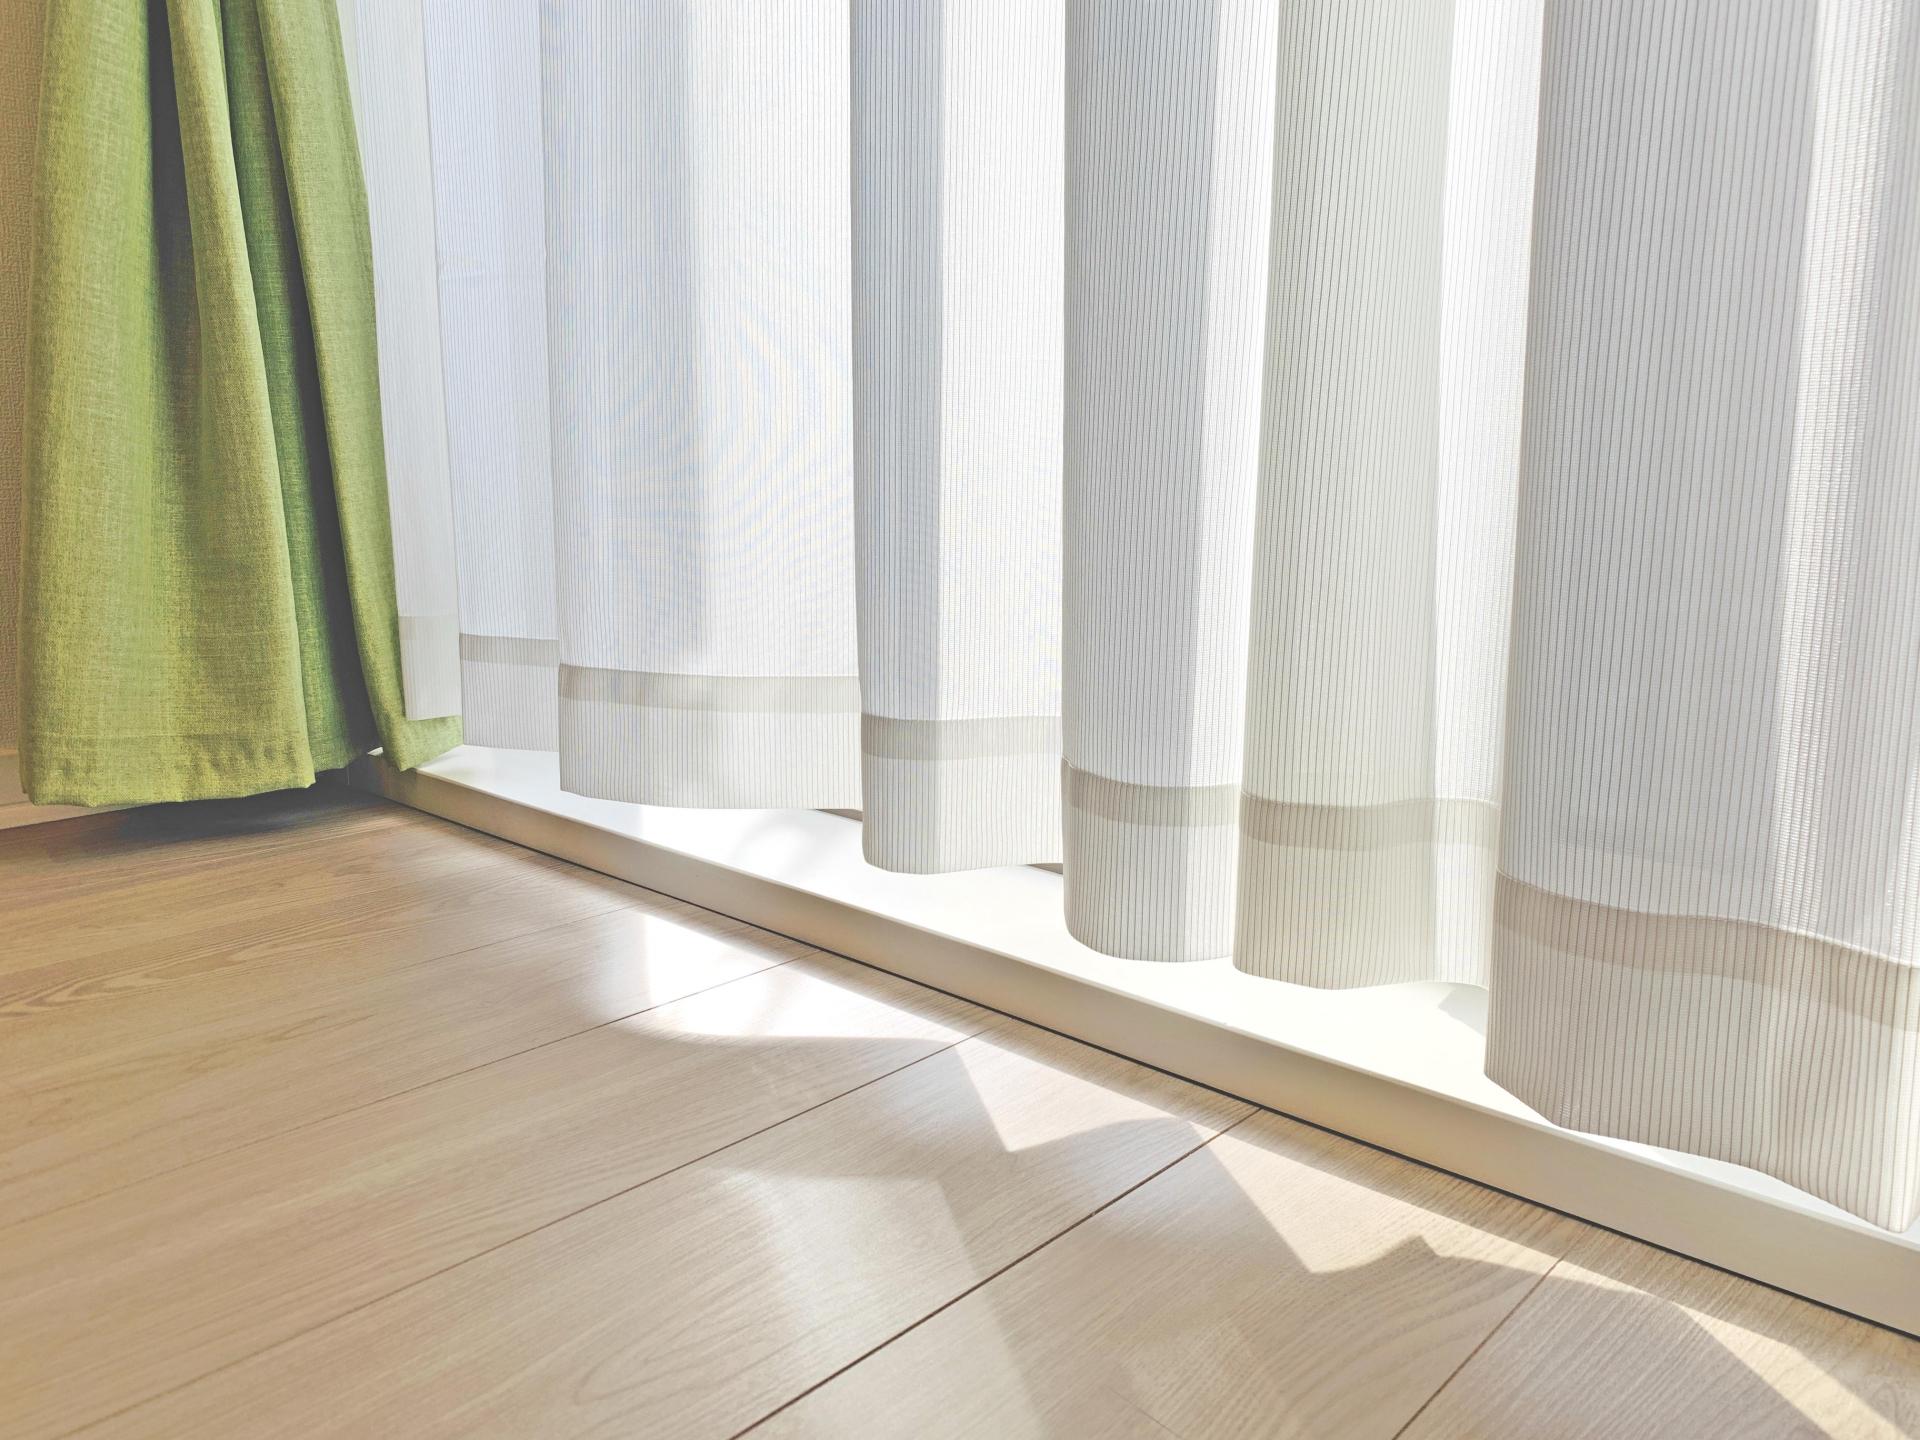 【掃除】カビやダニの温床に!?|カーテンを洗ってお部屋の空気をキレイに